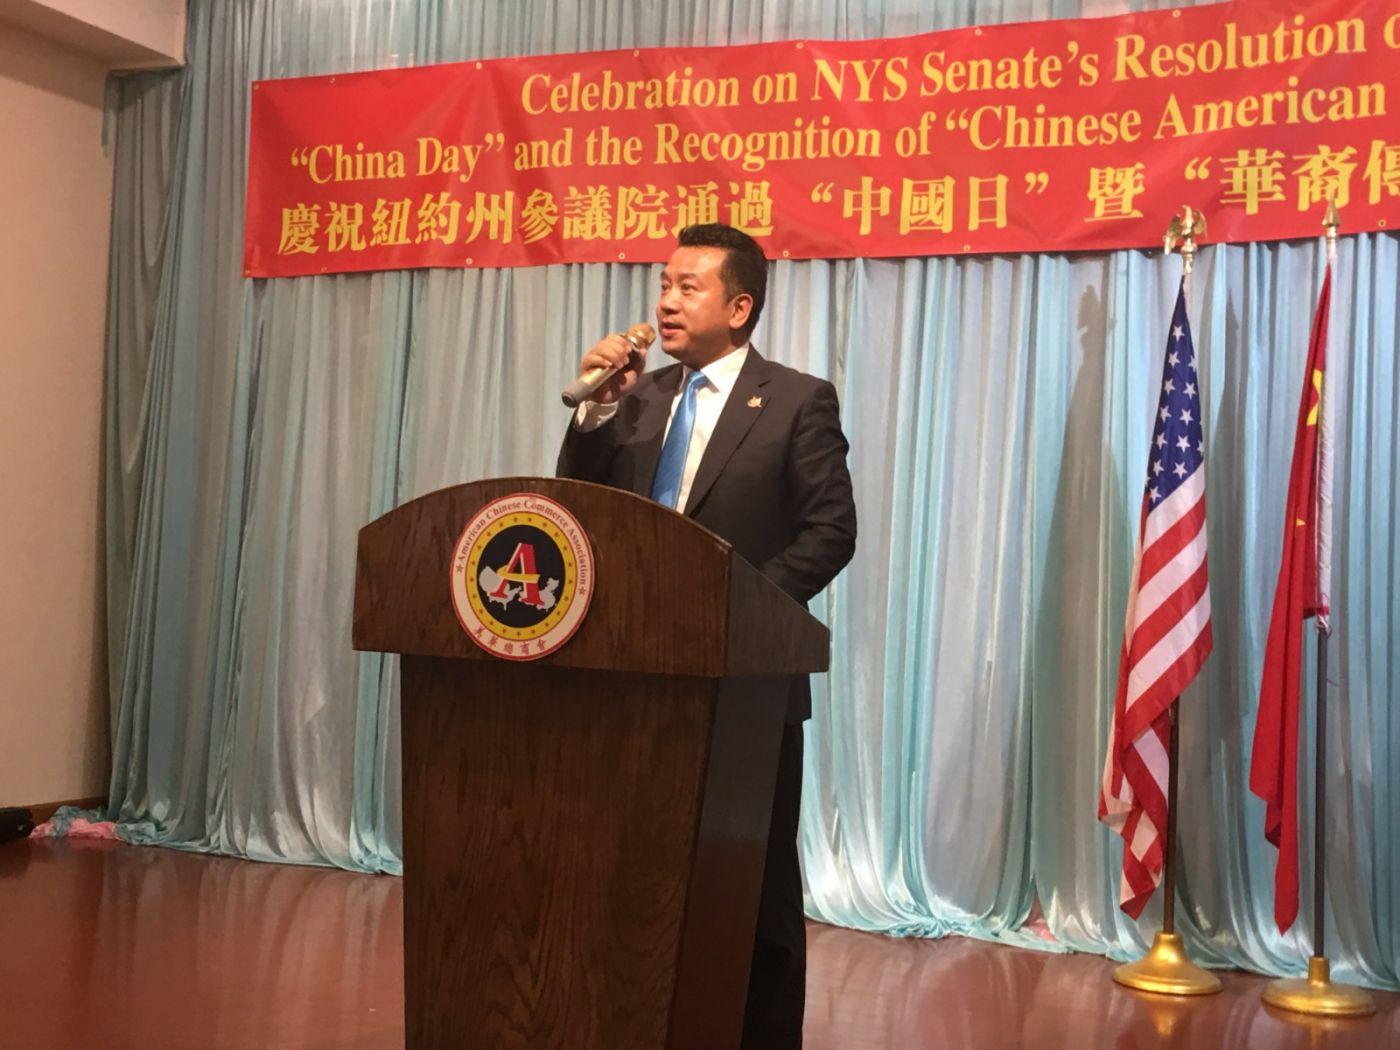 紐約州參議院通過「中國日」決議案慶祝会在紐約舉行_图1-34